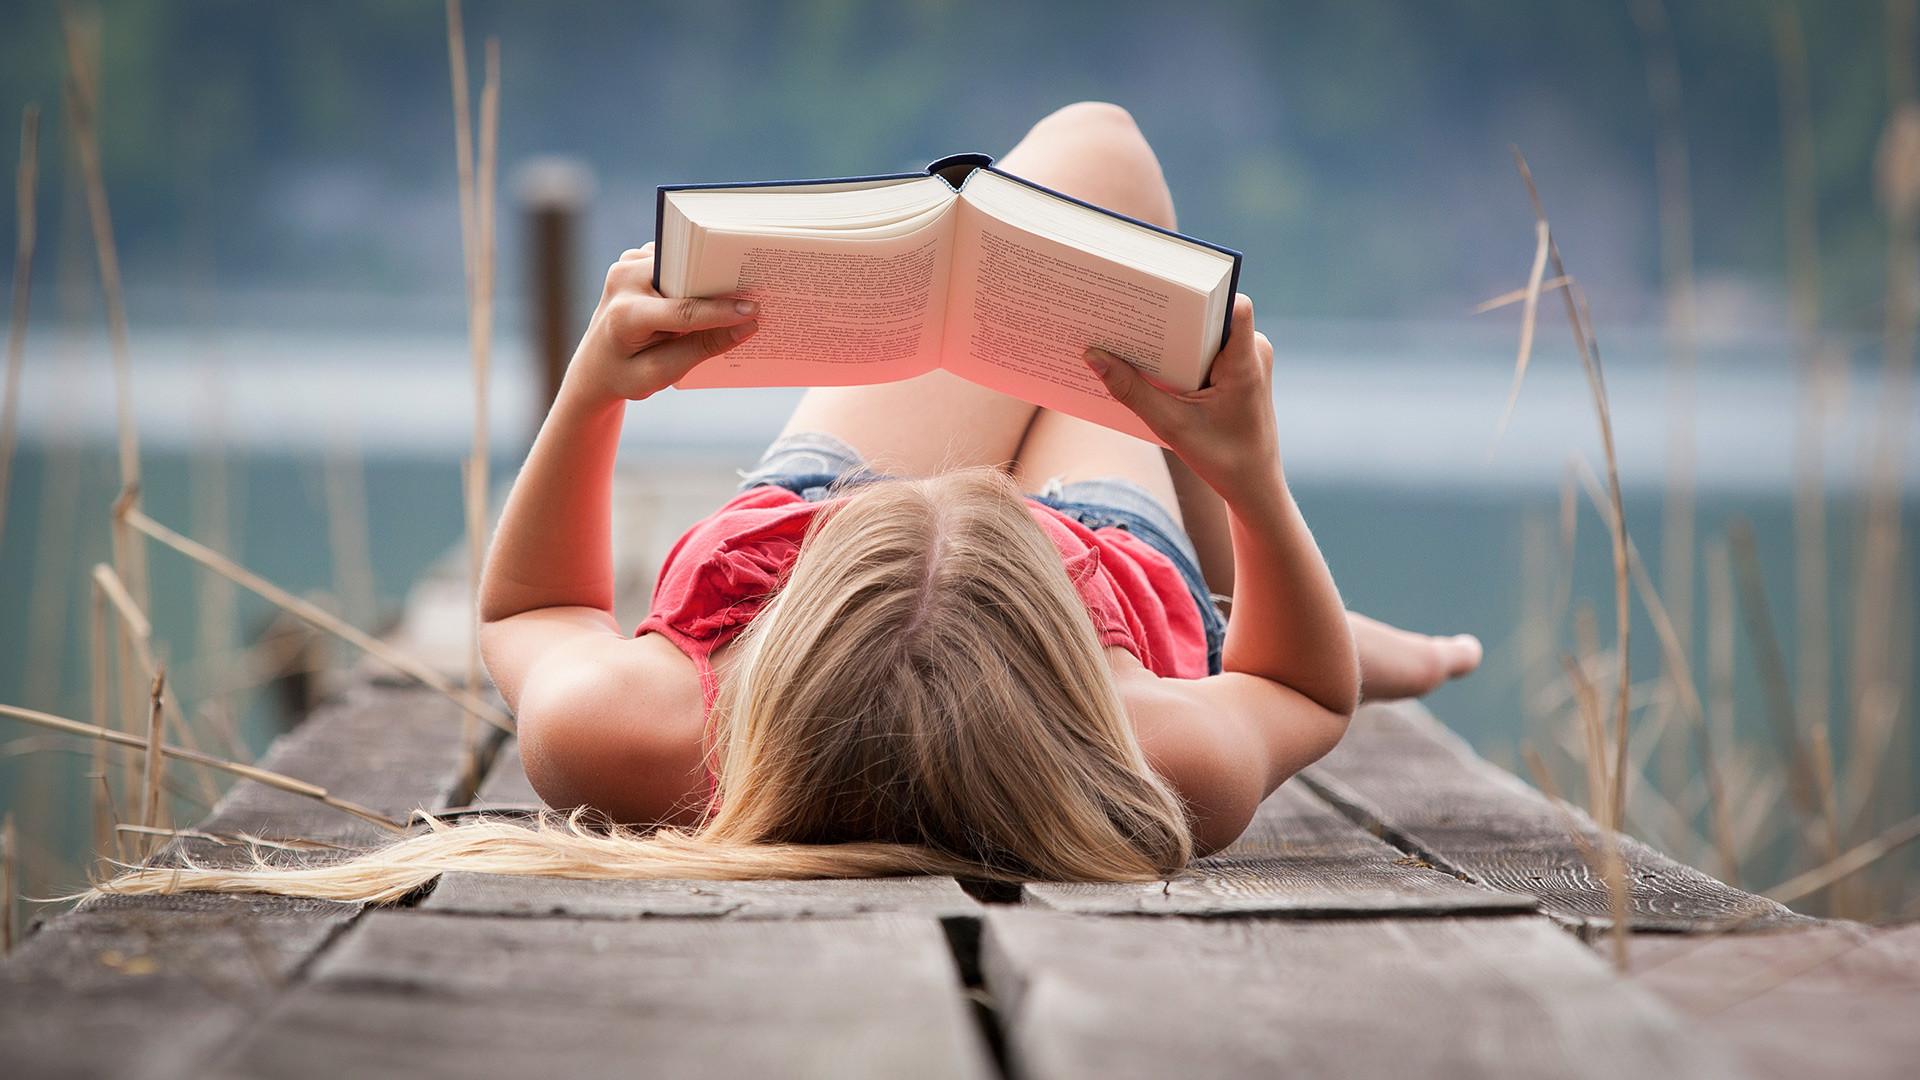 Још десет руских књига које ће вам помоћи да нађете смисао живота